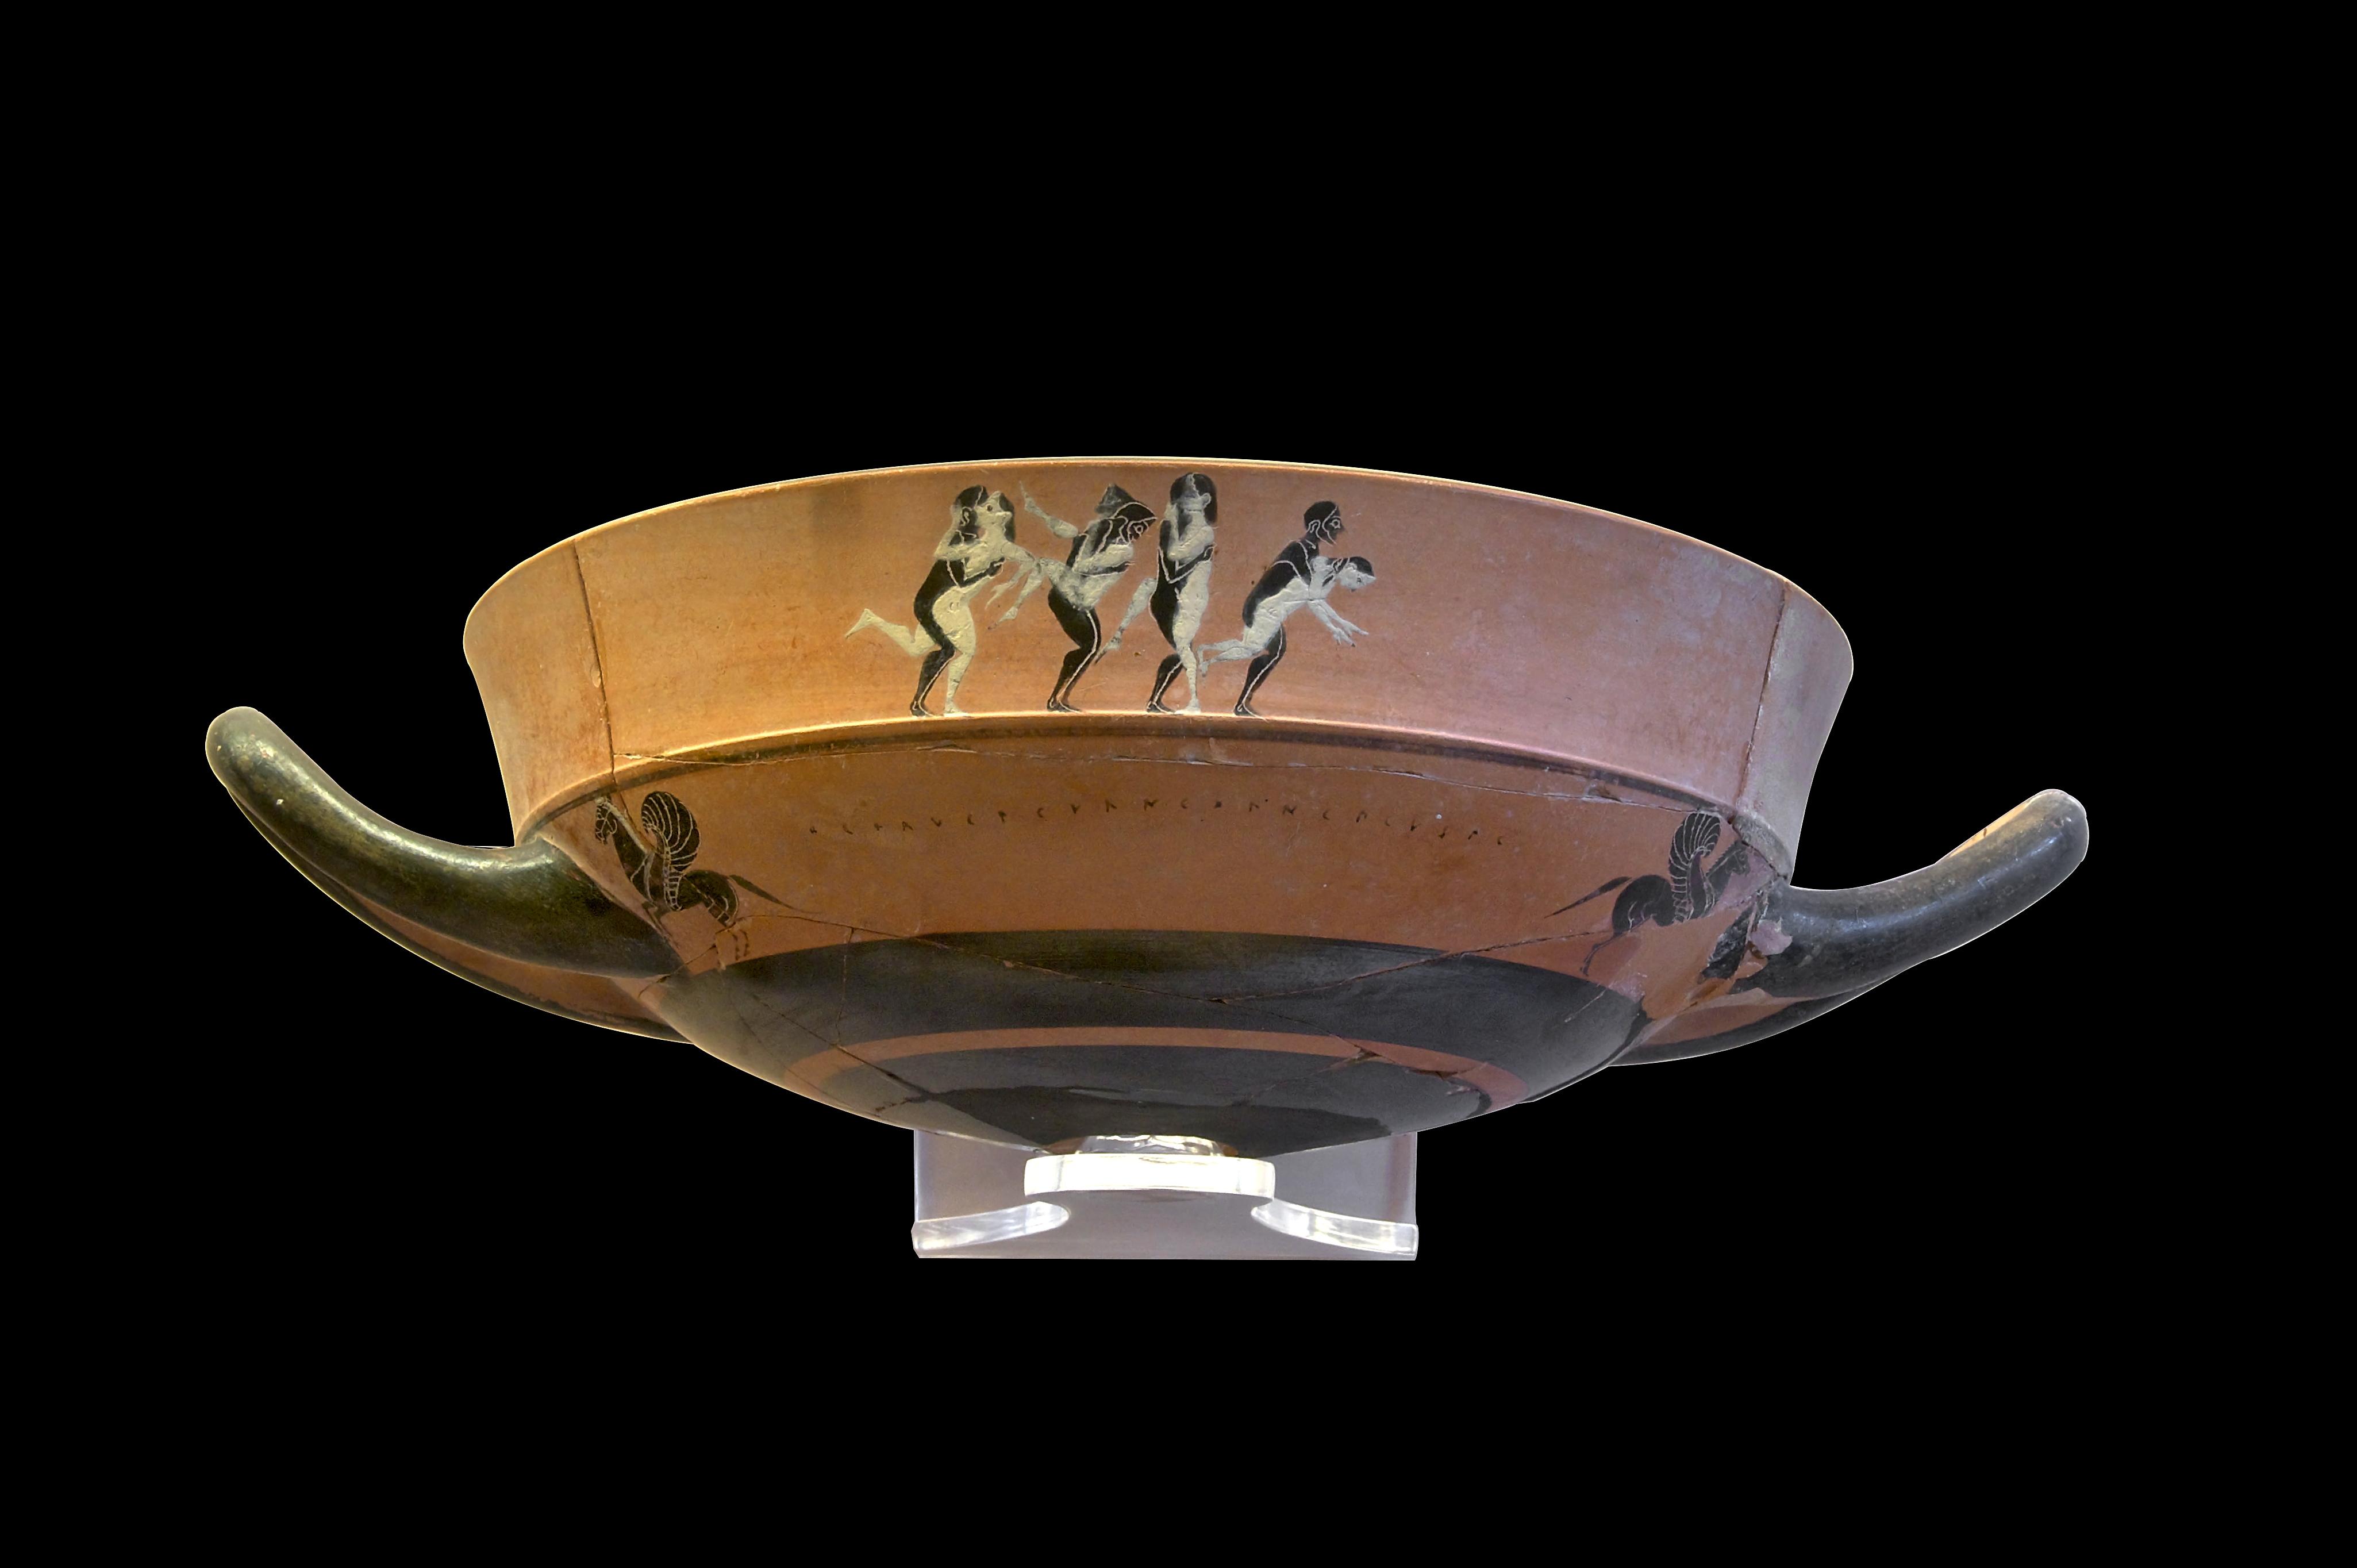 Filelip-Cup Sexual Intercourse Ialysos Black Background -4617